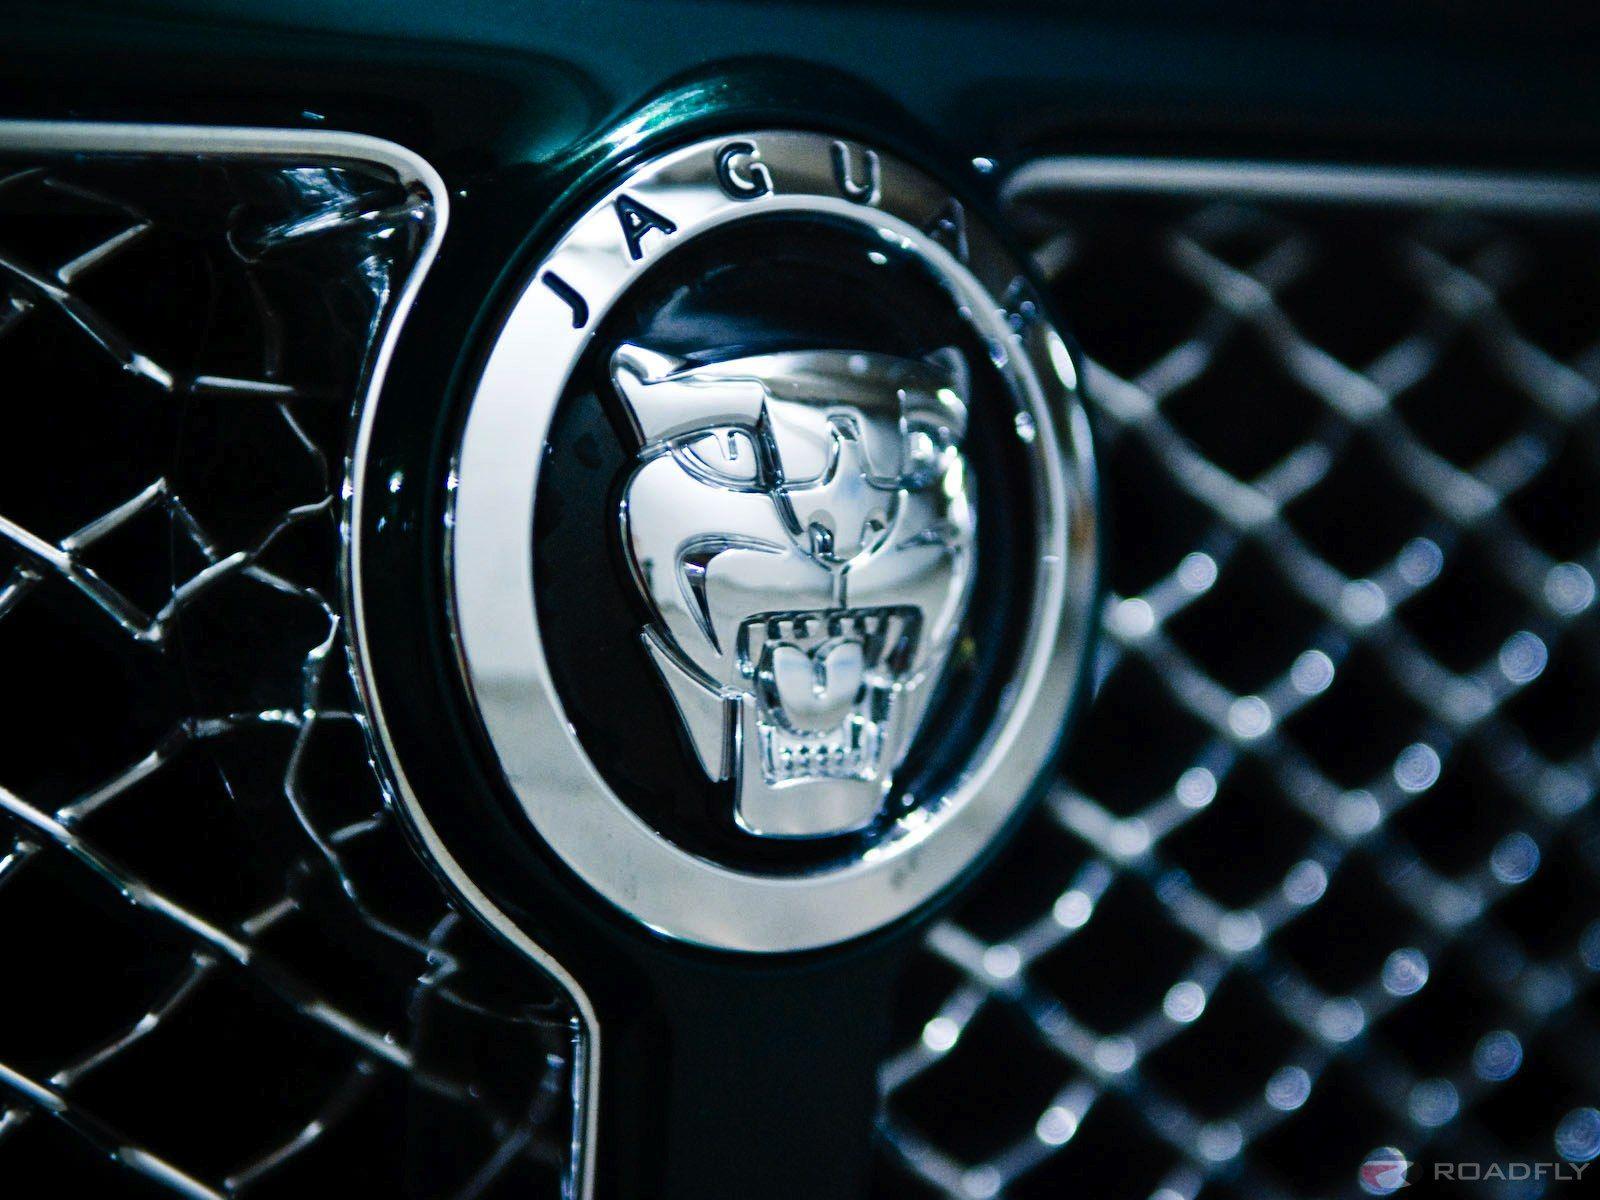 Design car emblem - Jaguar Emblem Xj Super V8 Jaguardream Cars